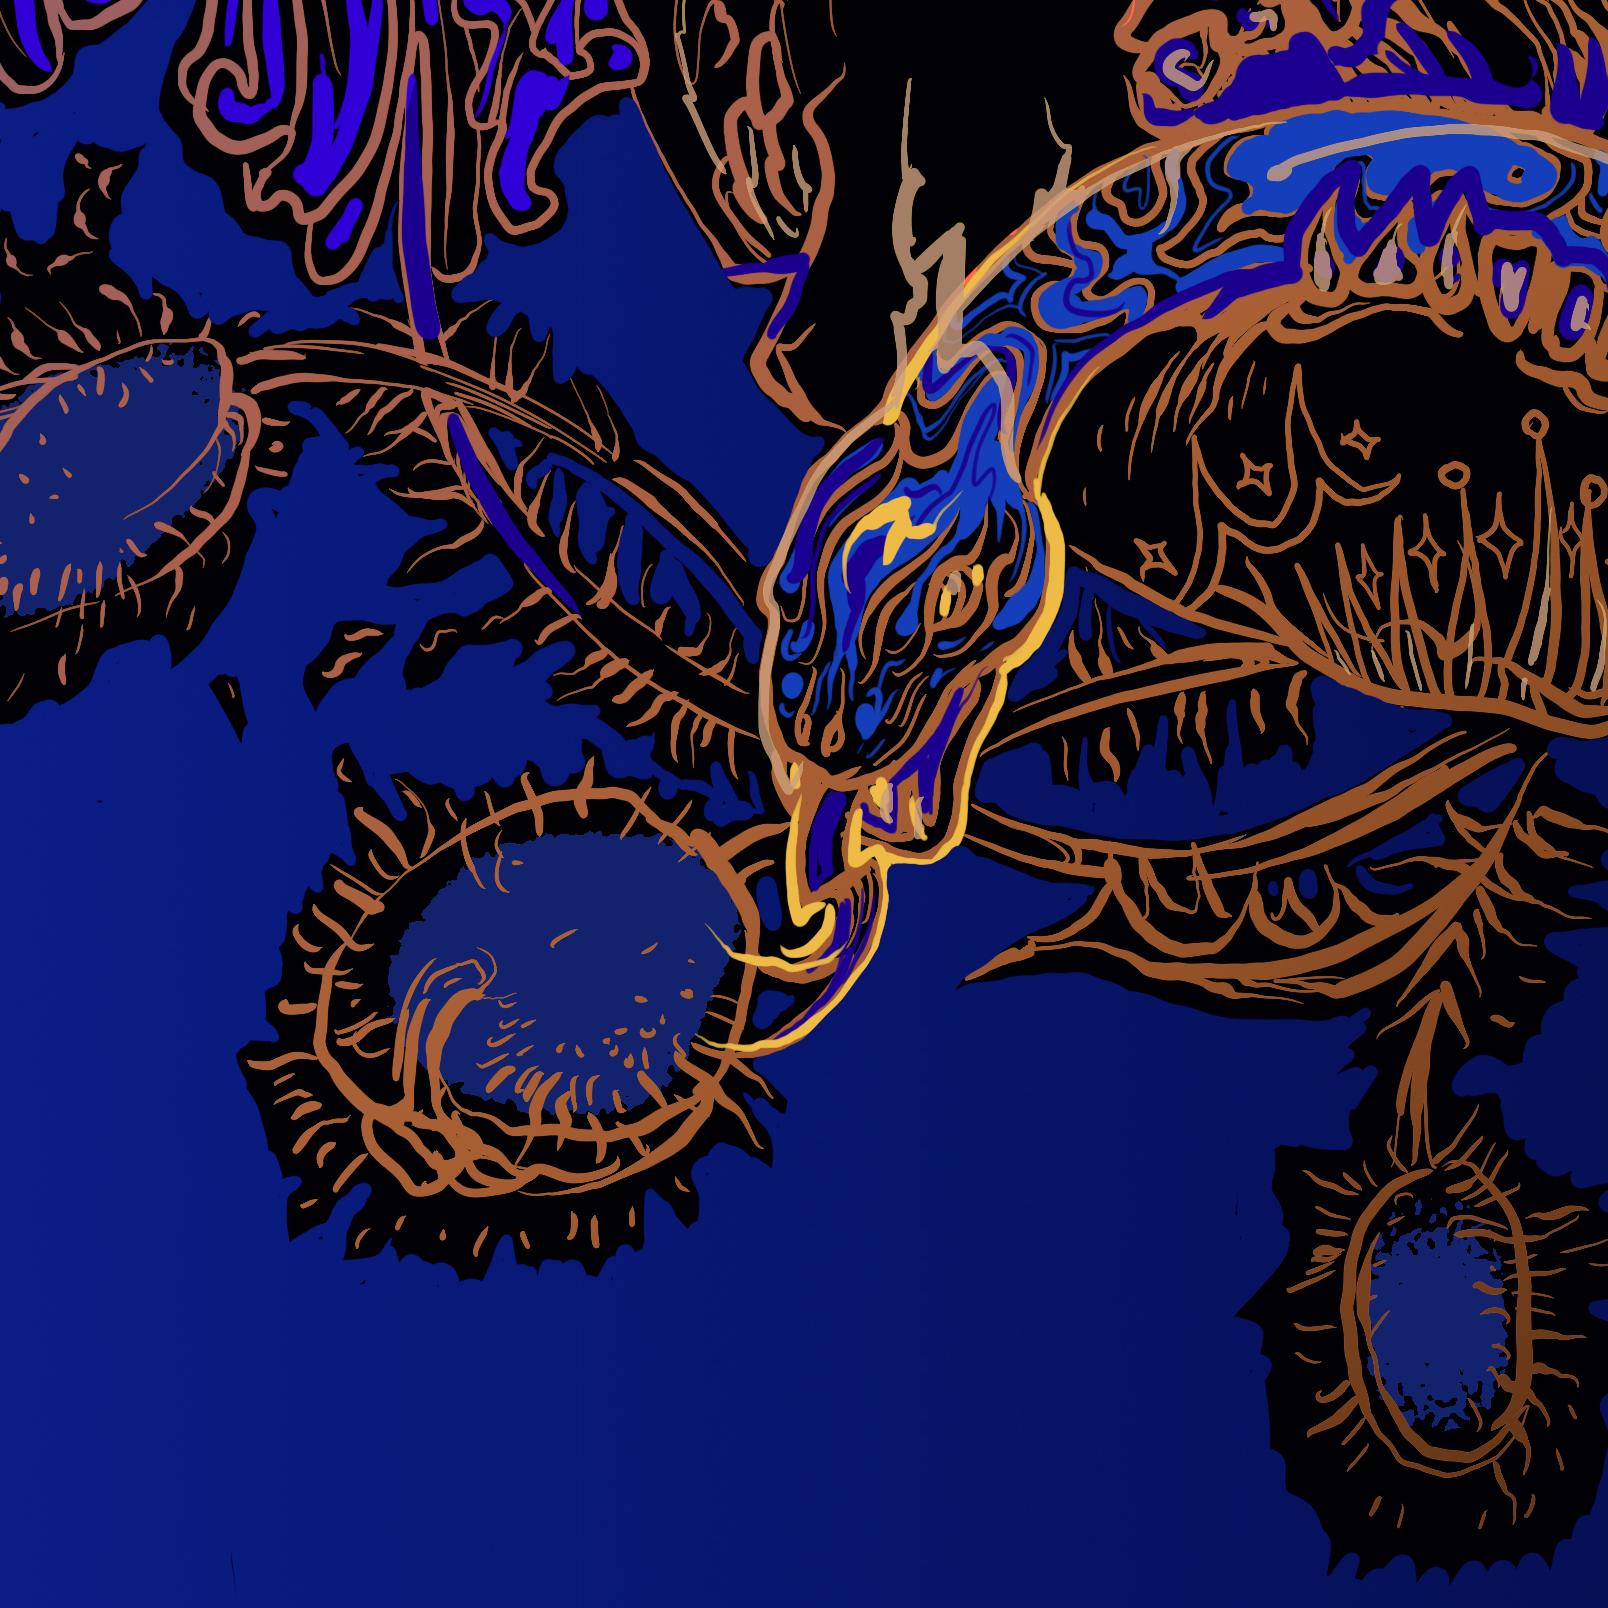 skull poppies viper-1.jpg